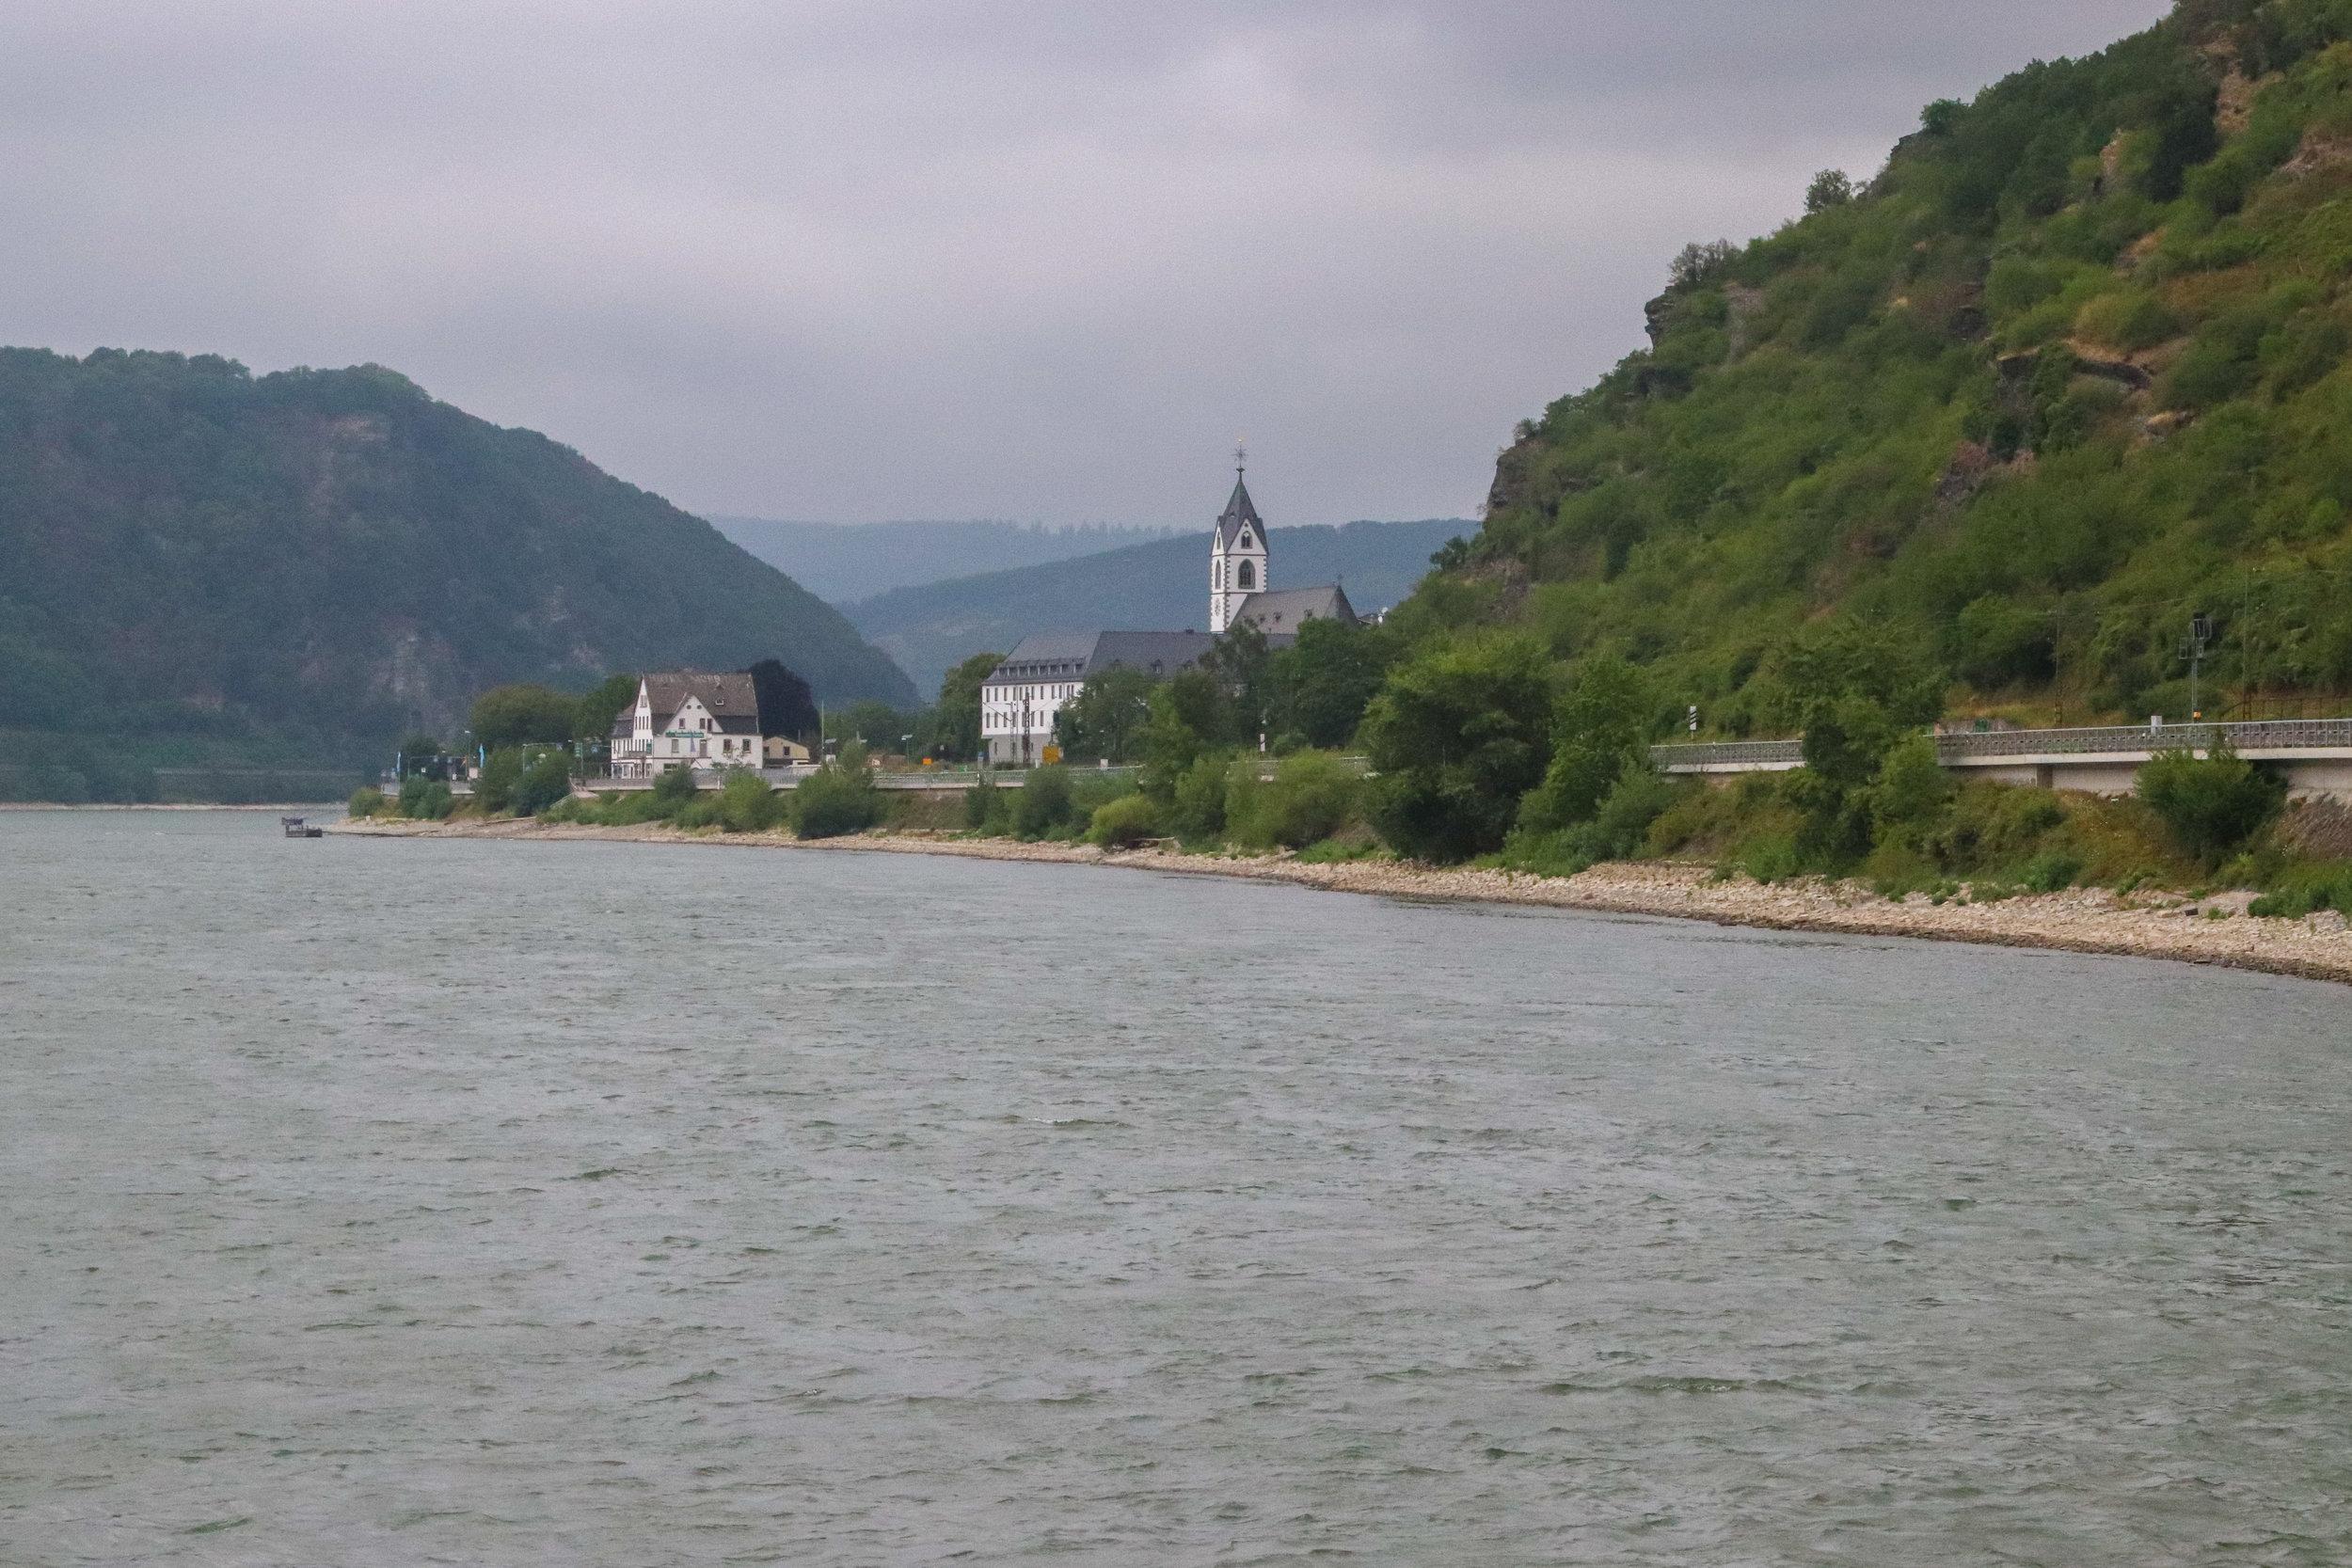 Rhine River Cruise - a dream!